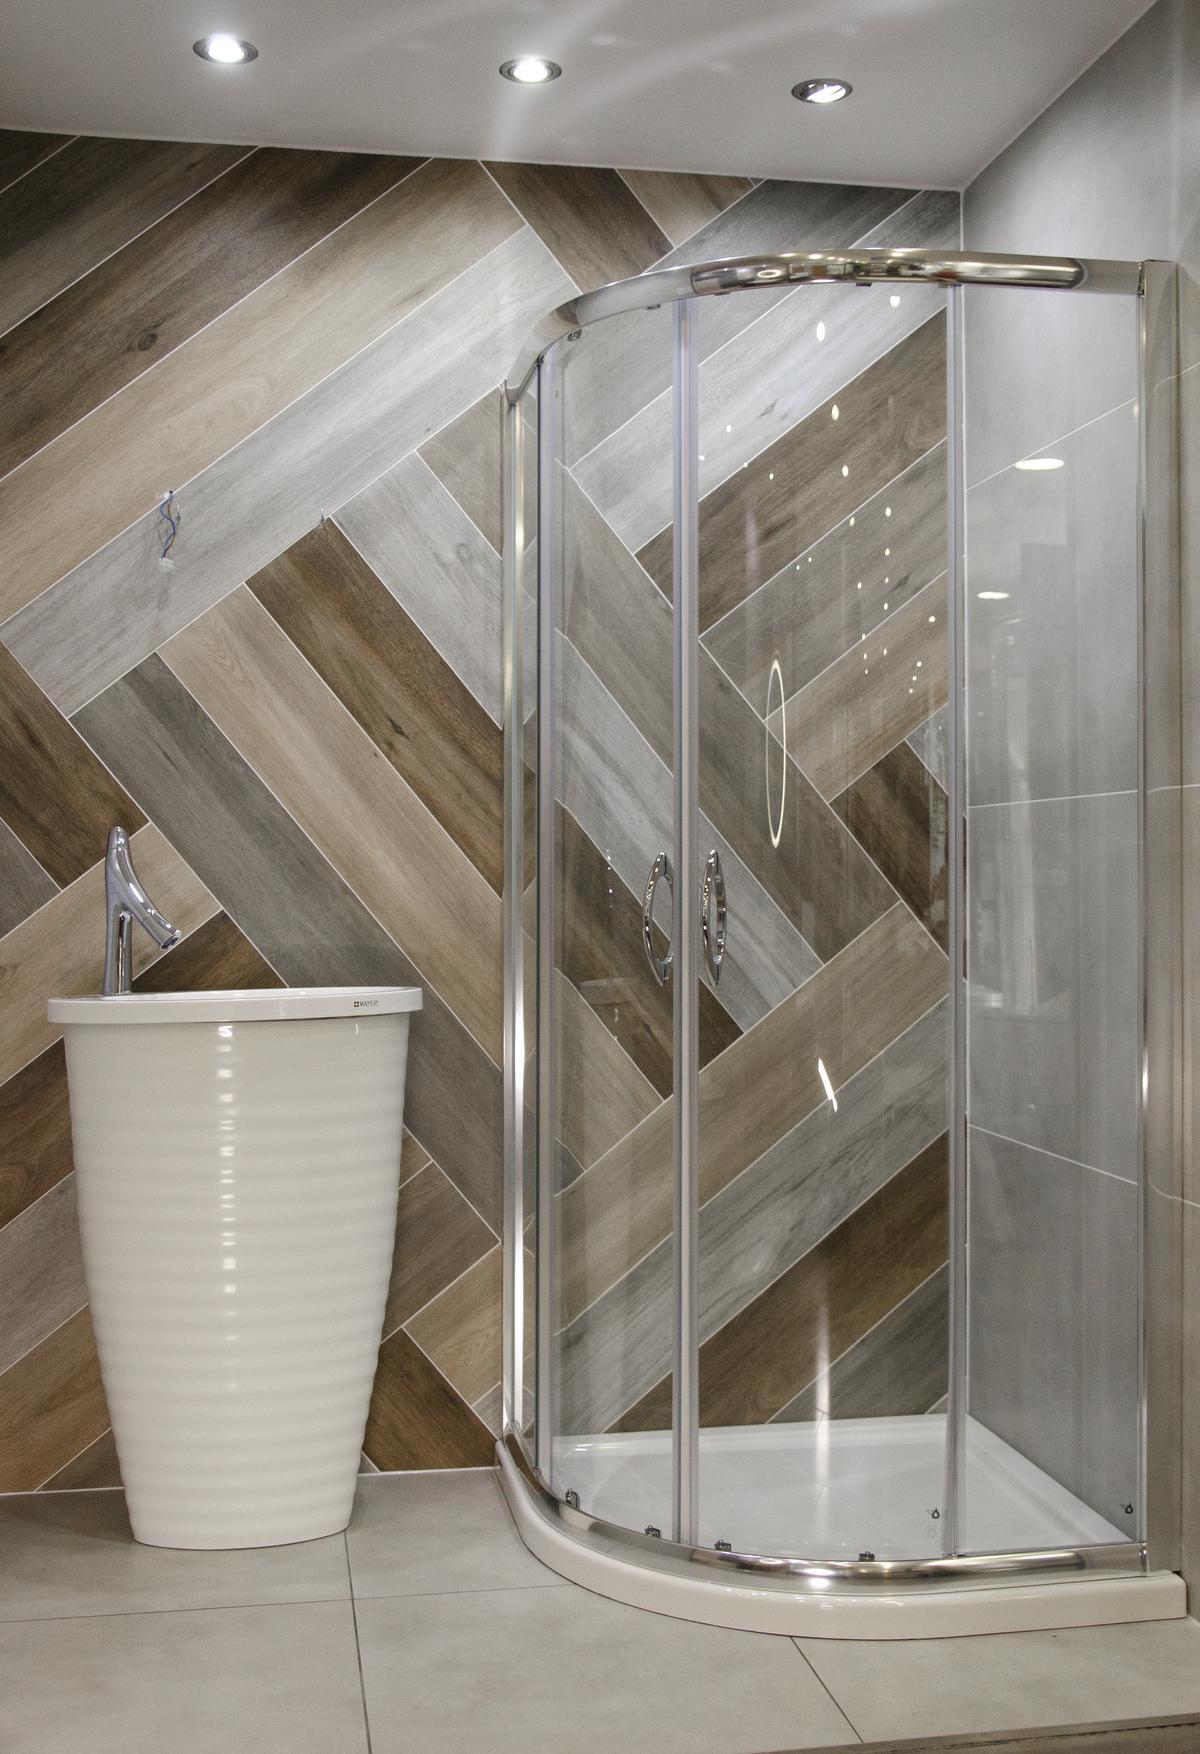 Aranżacja łazienki z ozdobną ścianą wykończoną płytką drewnopodobną - zdjęcie od BLU salon łazienek Kołobrzeg